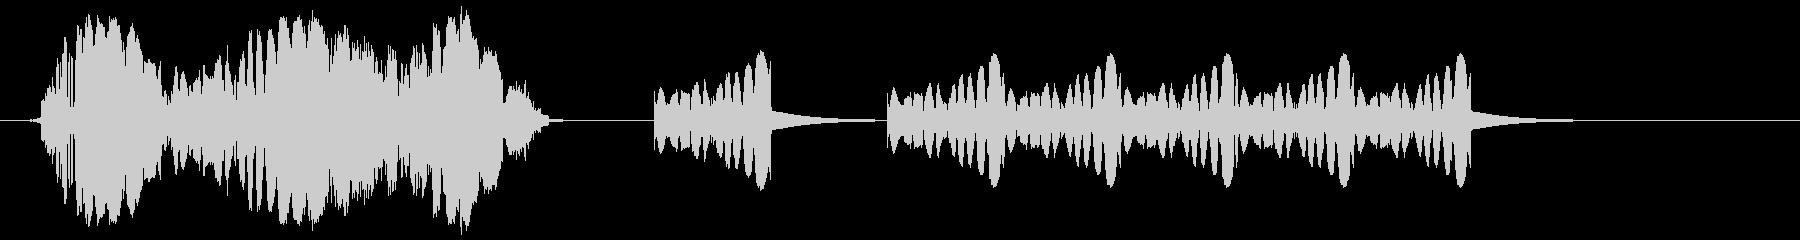 グリティバウンスウーシュ2の未再生の波形